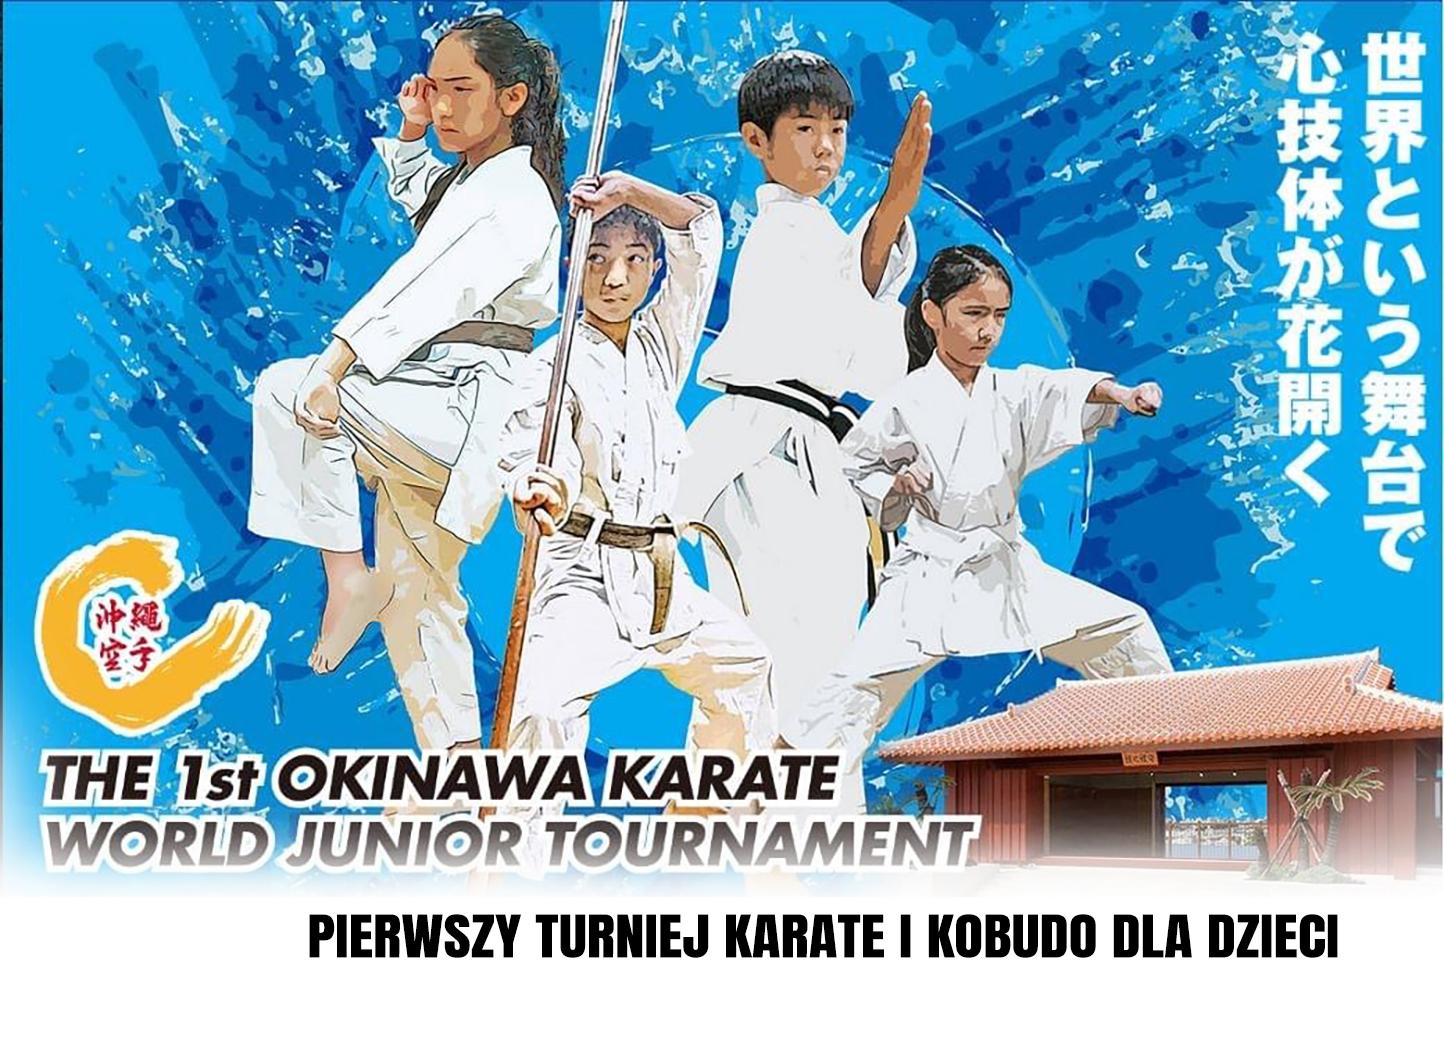 turniej karate i kobudo (1)